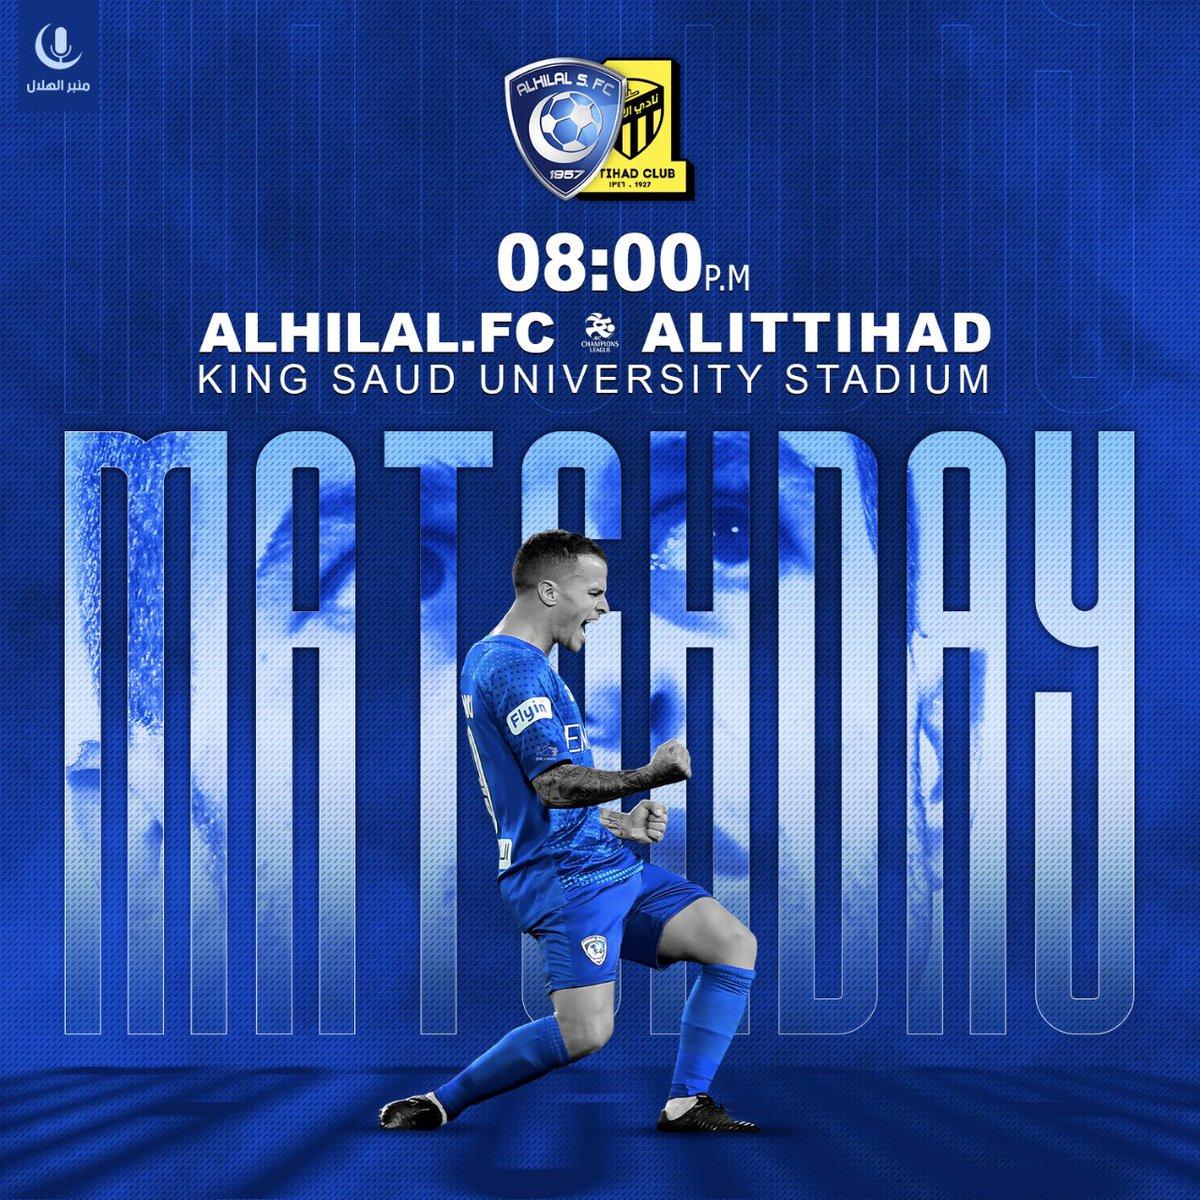 RT @MnbrAlhilal: #MatchDay  #مباراة_اليوم https://t.co/wmF7HYLTJD